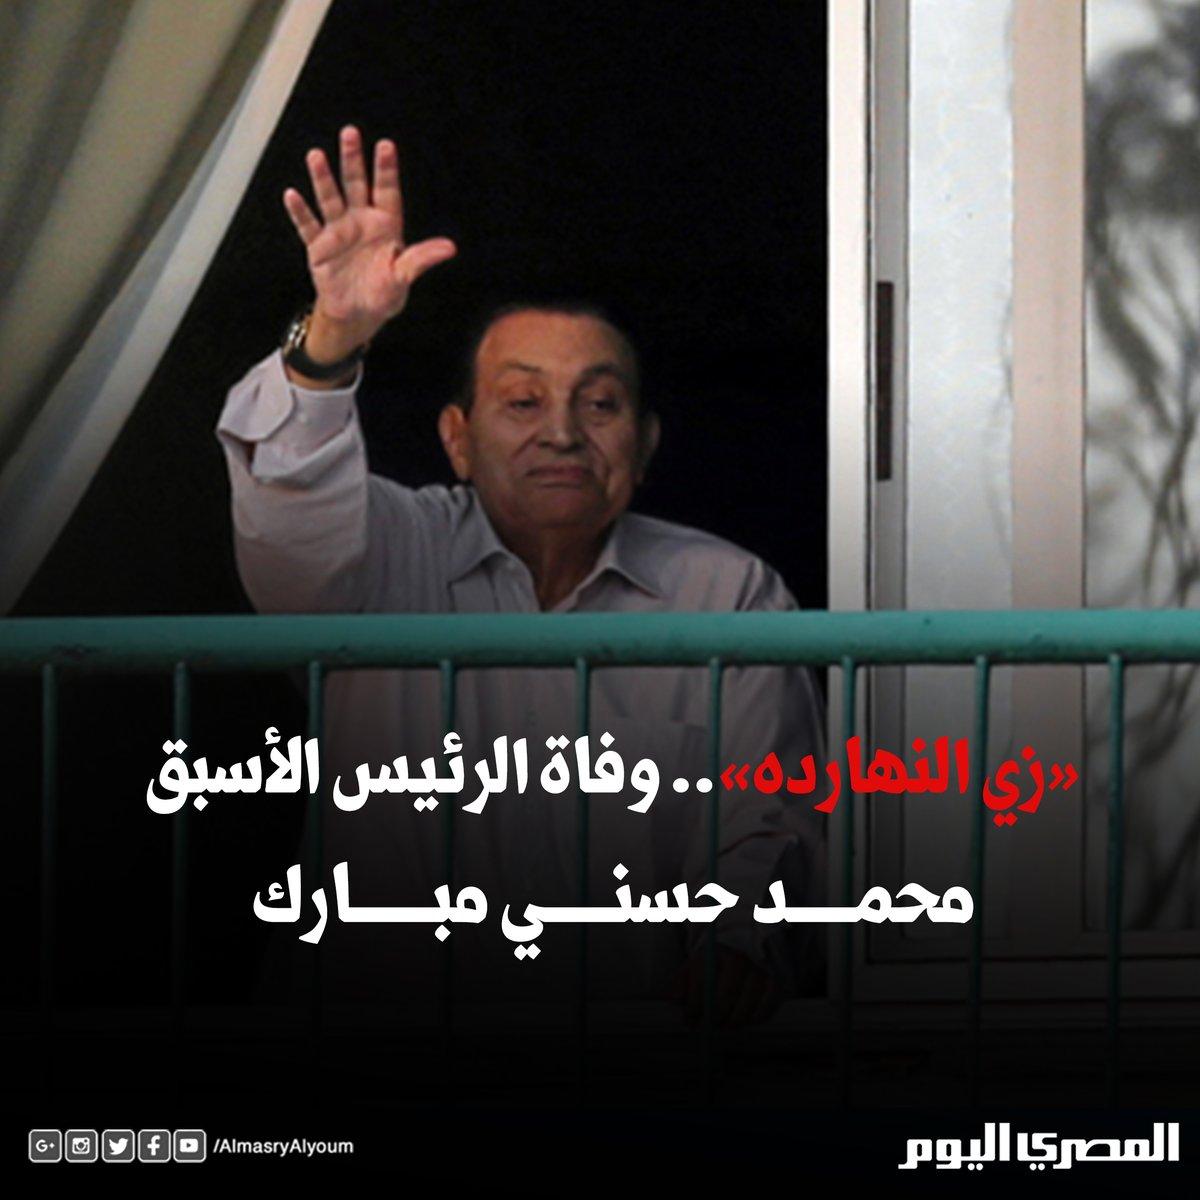 «زي النهارده».. وفاة الرئيس الأسبق محمد حسني مبارك